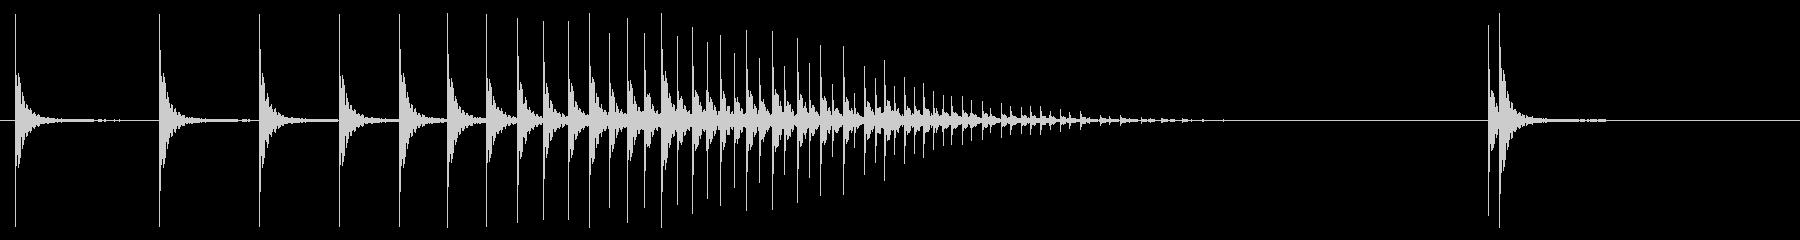 テンテン・・と段々速くなる和太鼓ロールの未再生の波形